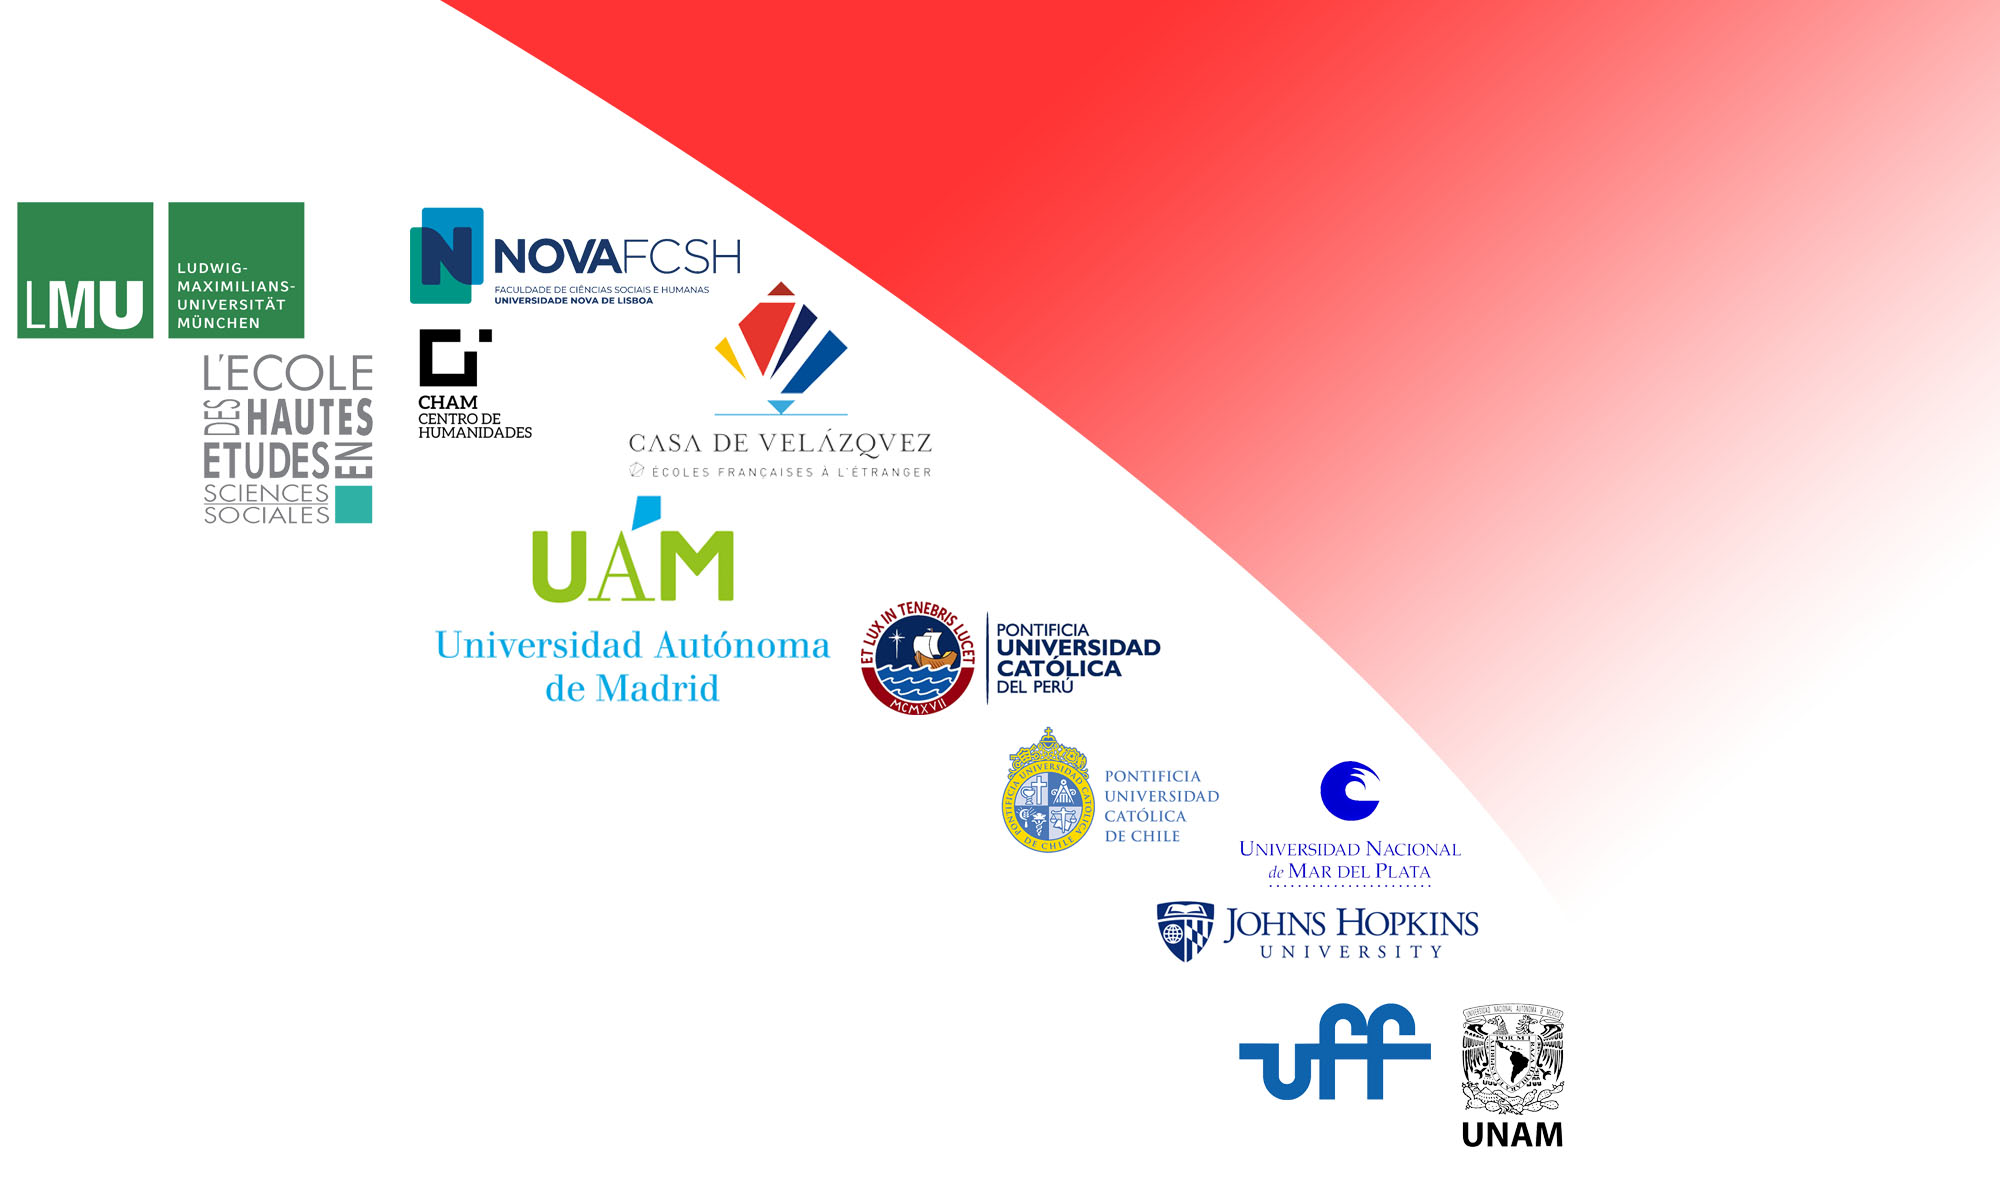 Logotipos de las instituciones participantes